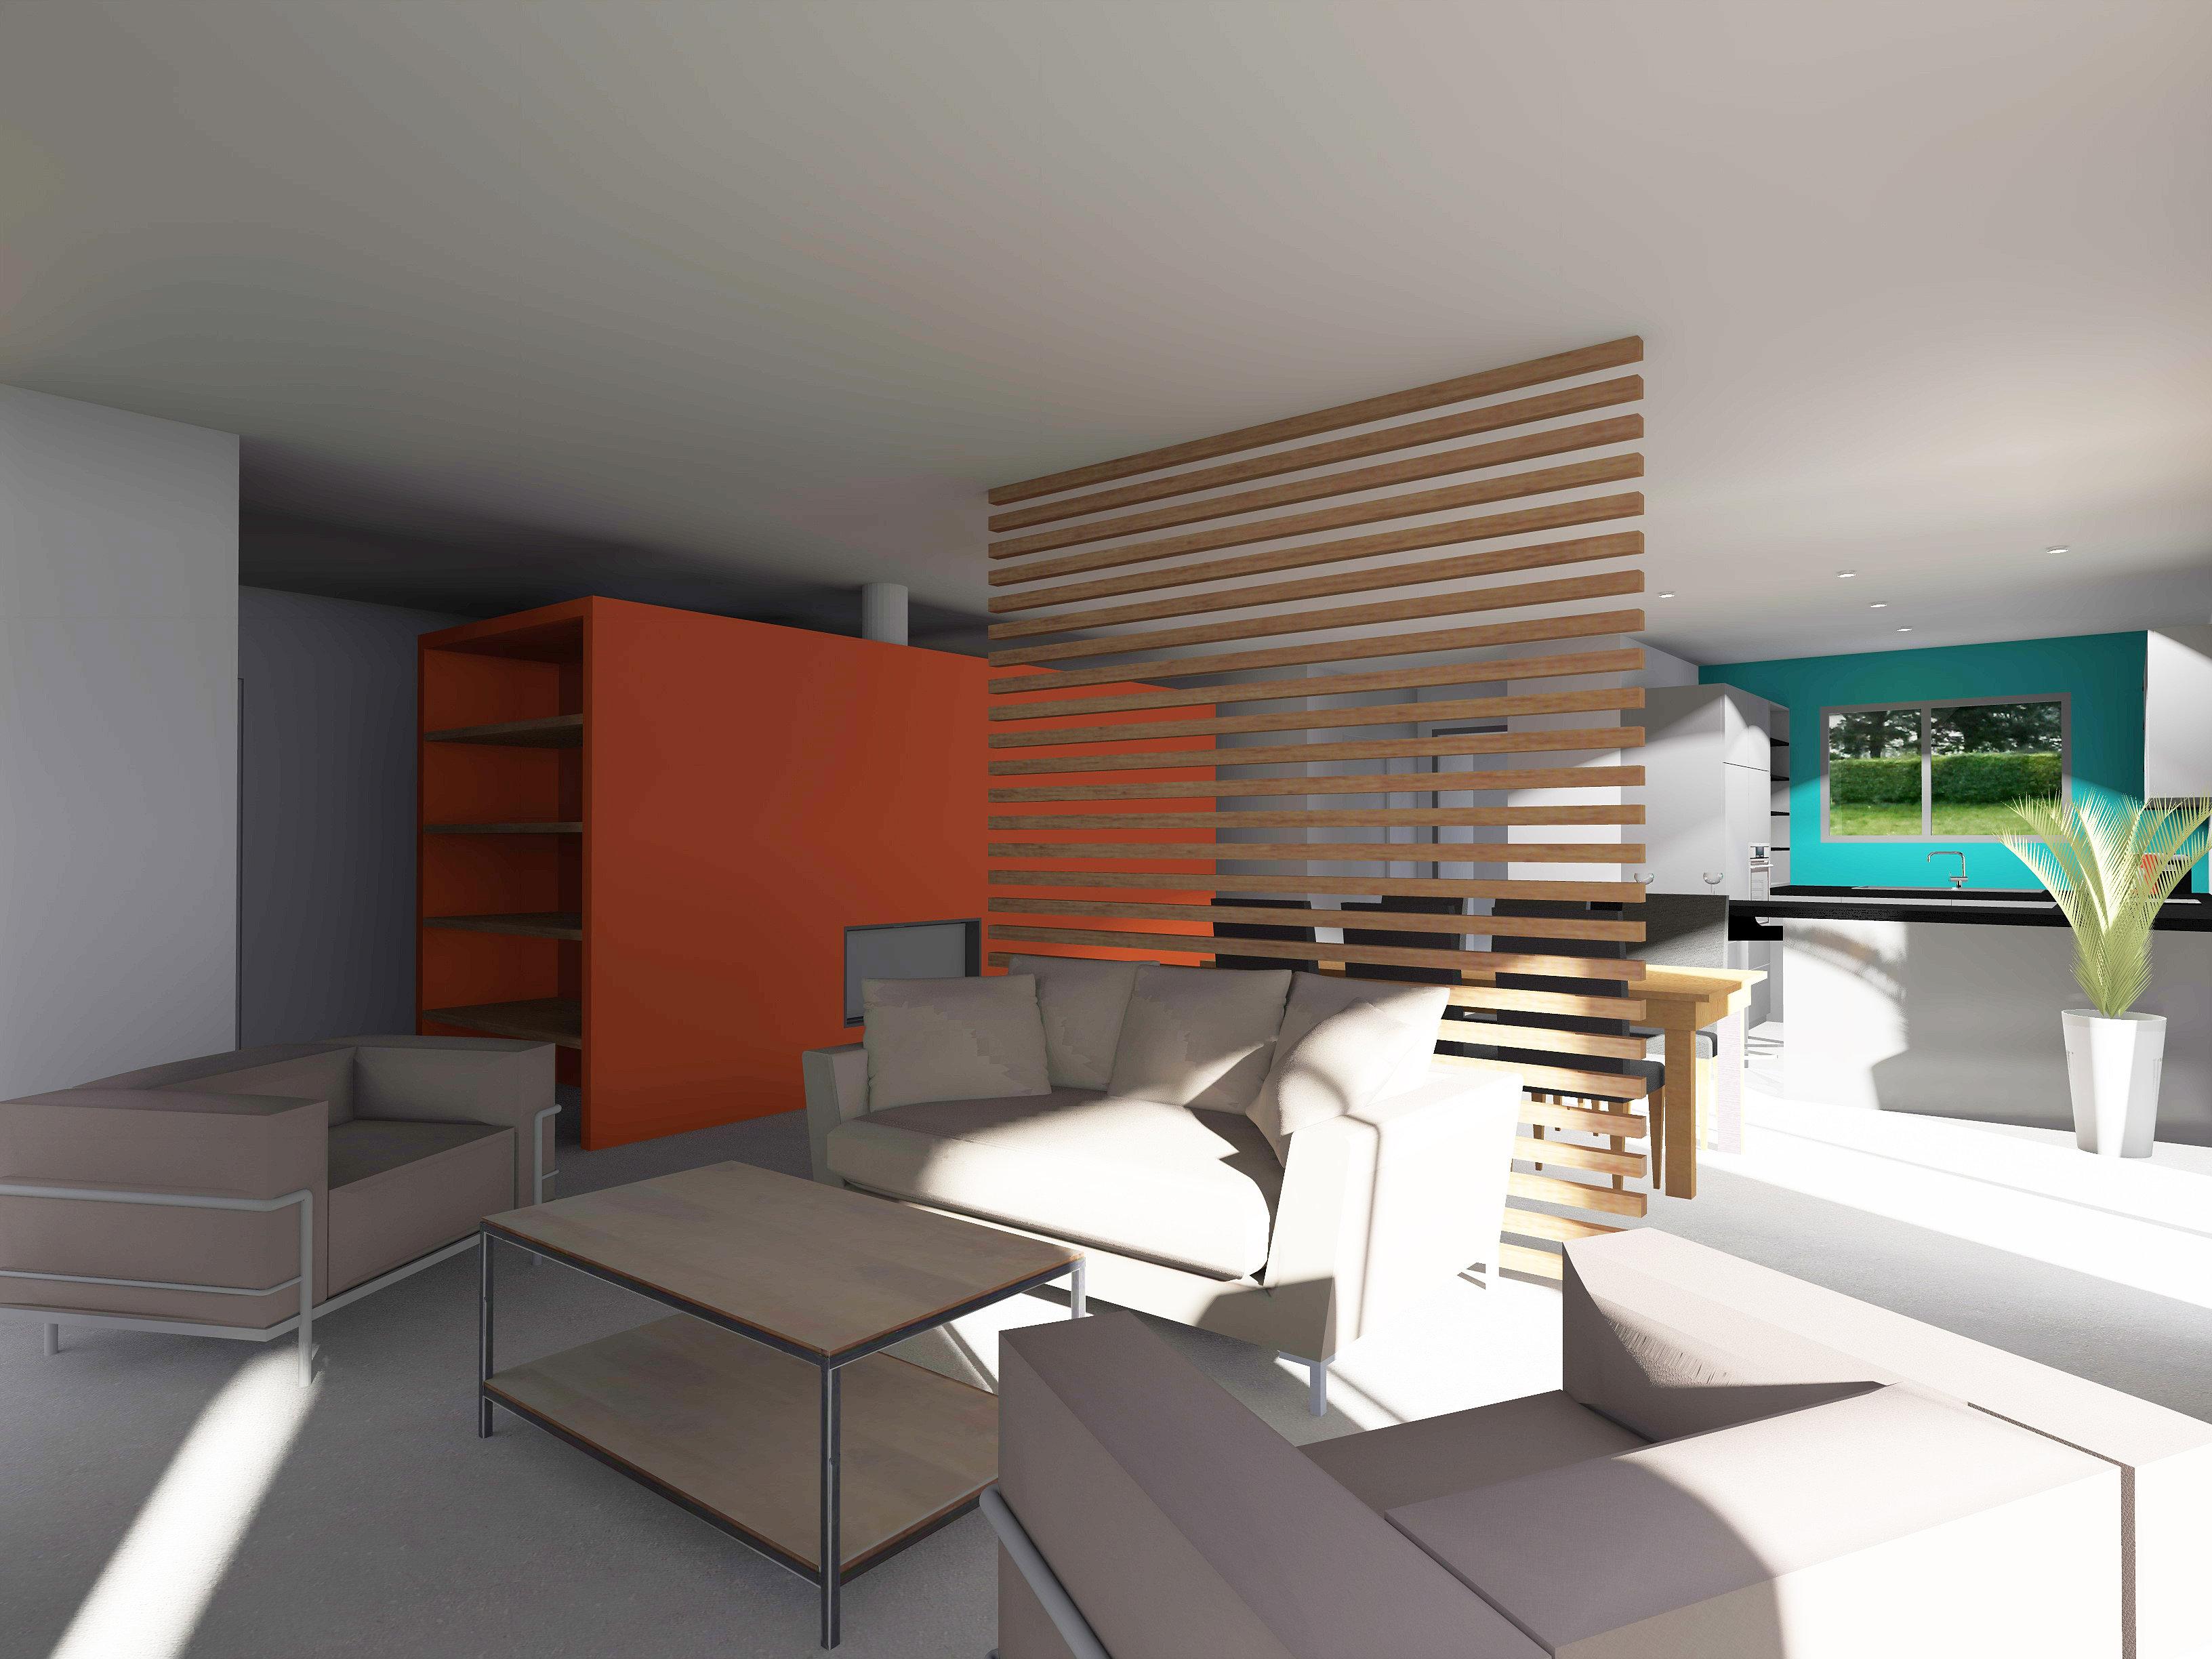 amnagement intrieur maison neuve amenagement interieur maison neuve dune maison en pierre dans. Black Bedroom Furniture Sets. Home Design Ideas